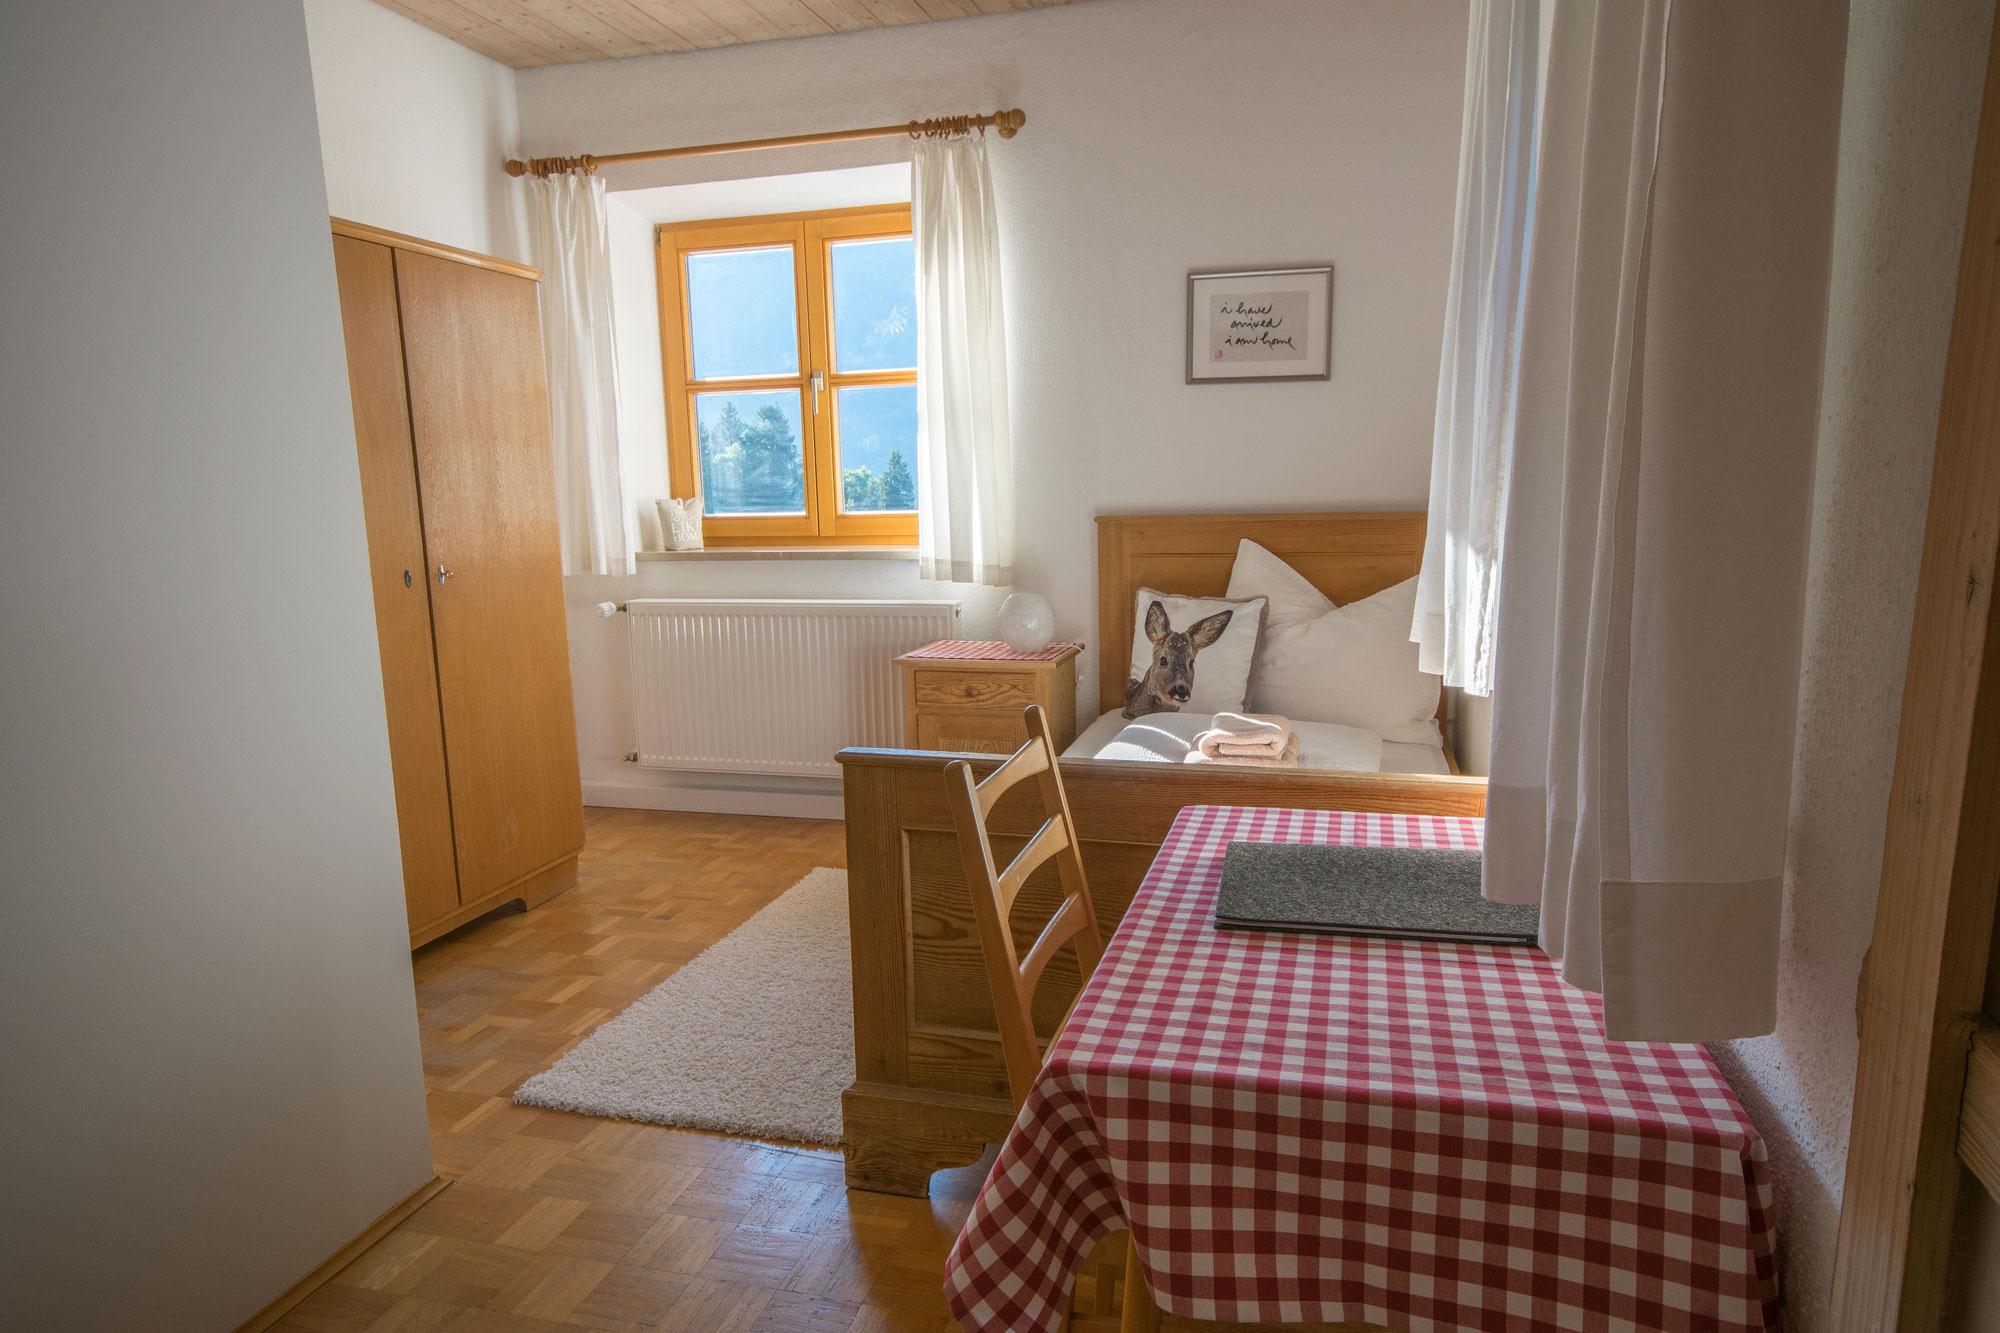 Gleich Zimmer buchen - mountain-retreat-centers Webseite!